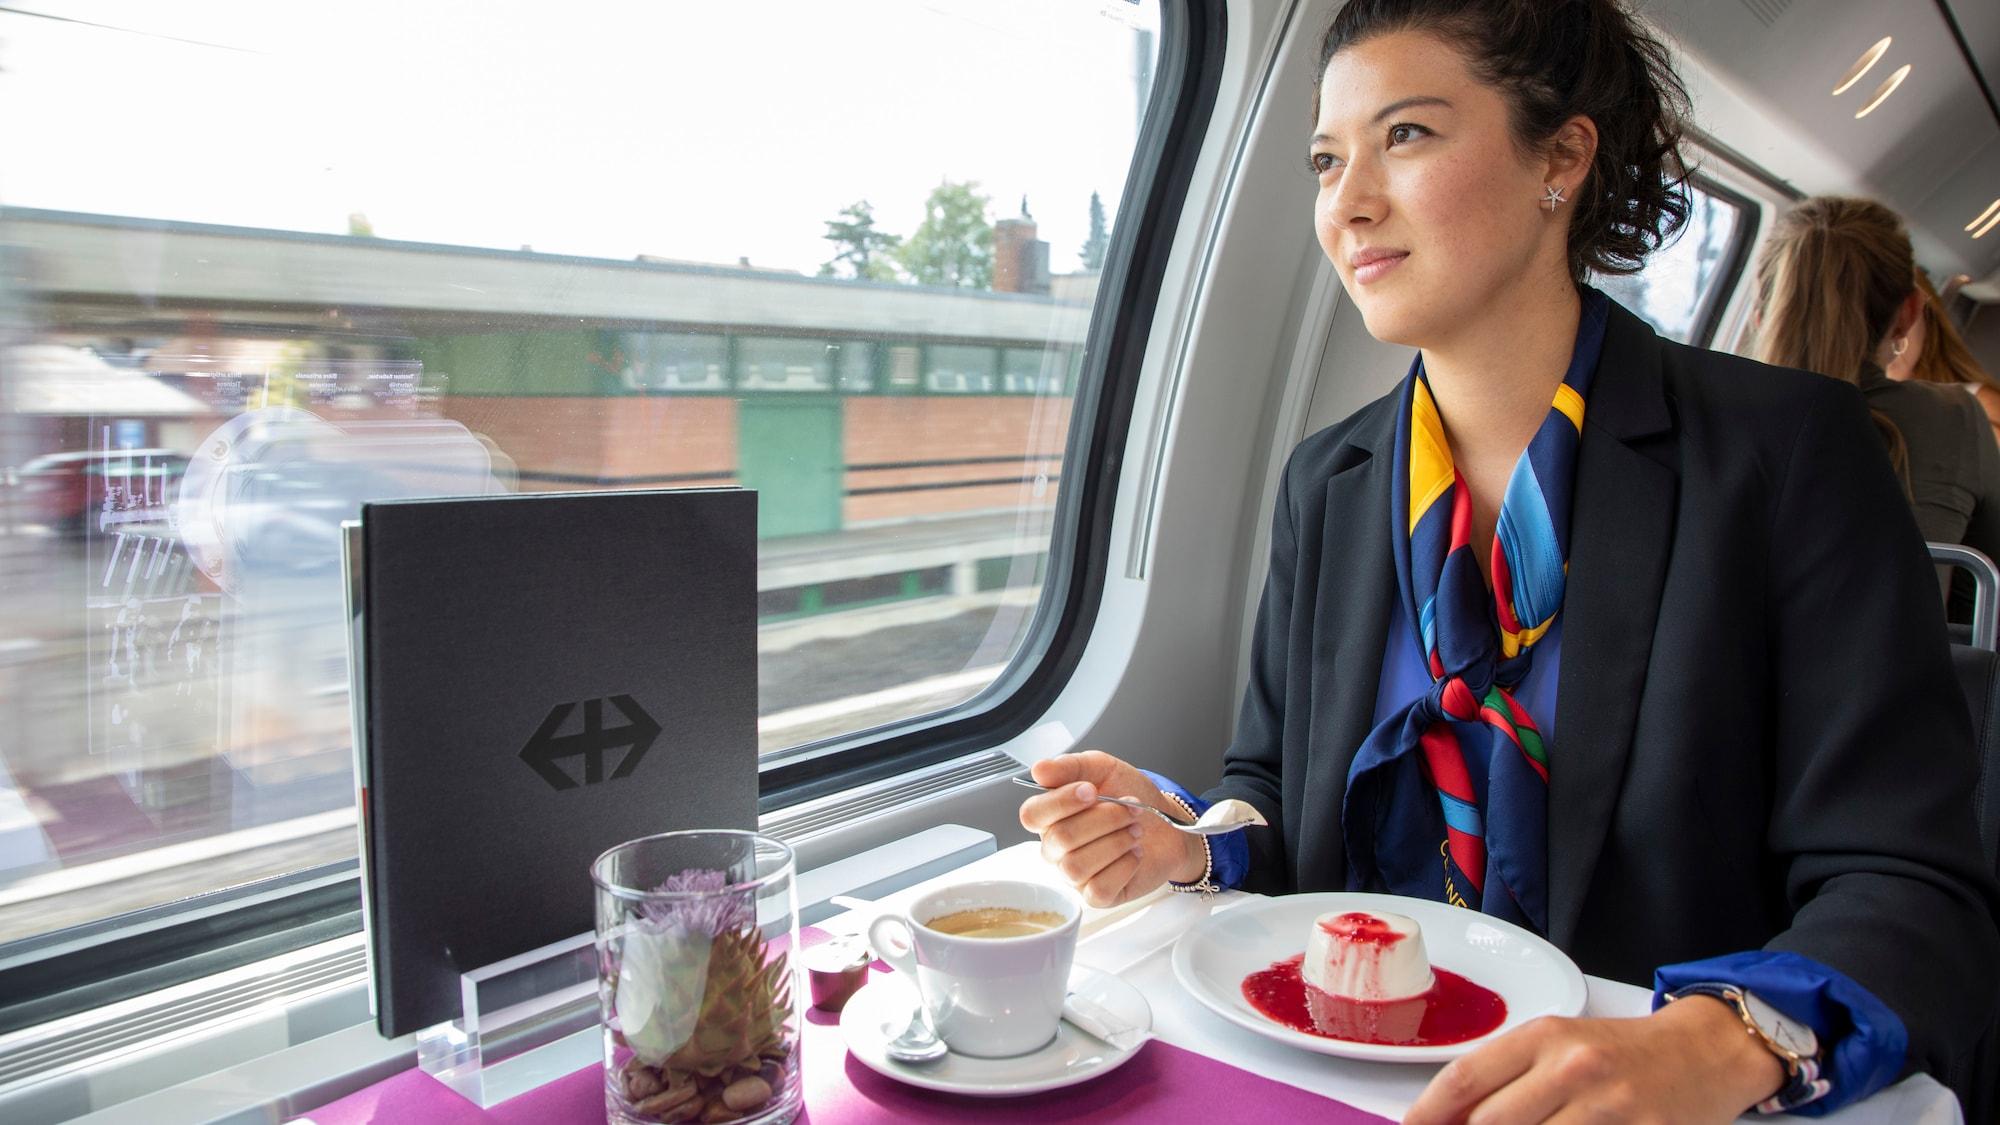 SBB wechseln Speisewagen-Karte aus: Jetzt gibts im Zug ein «Tête-à-Tête»-Menü